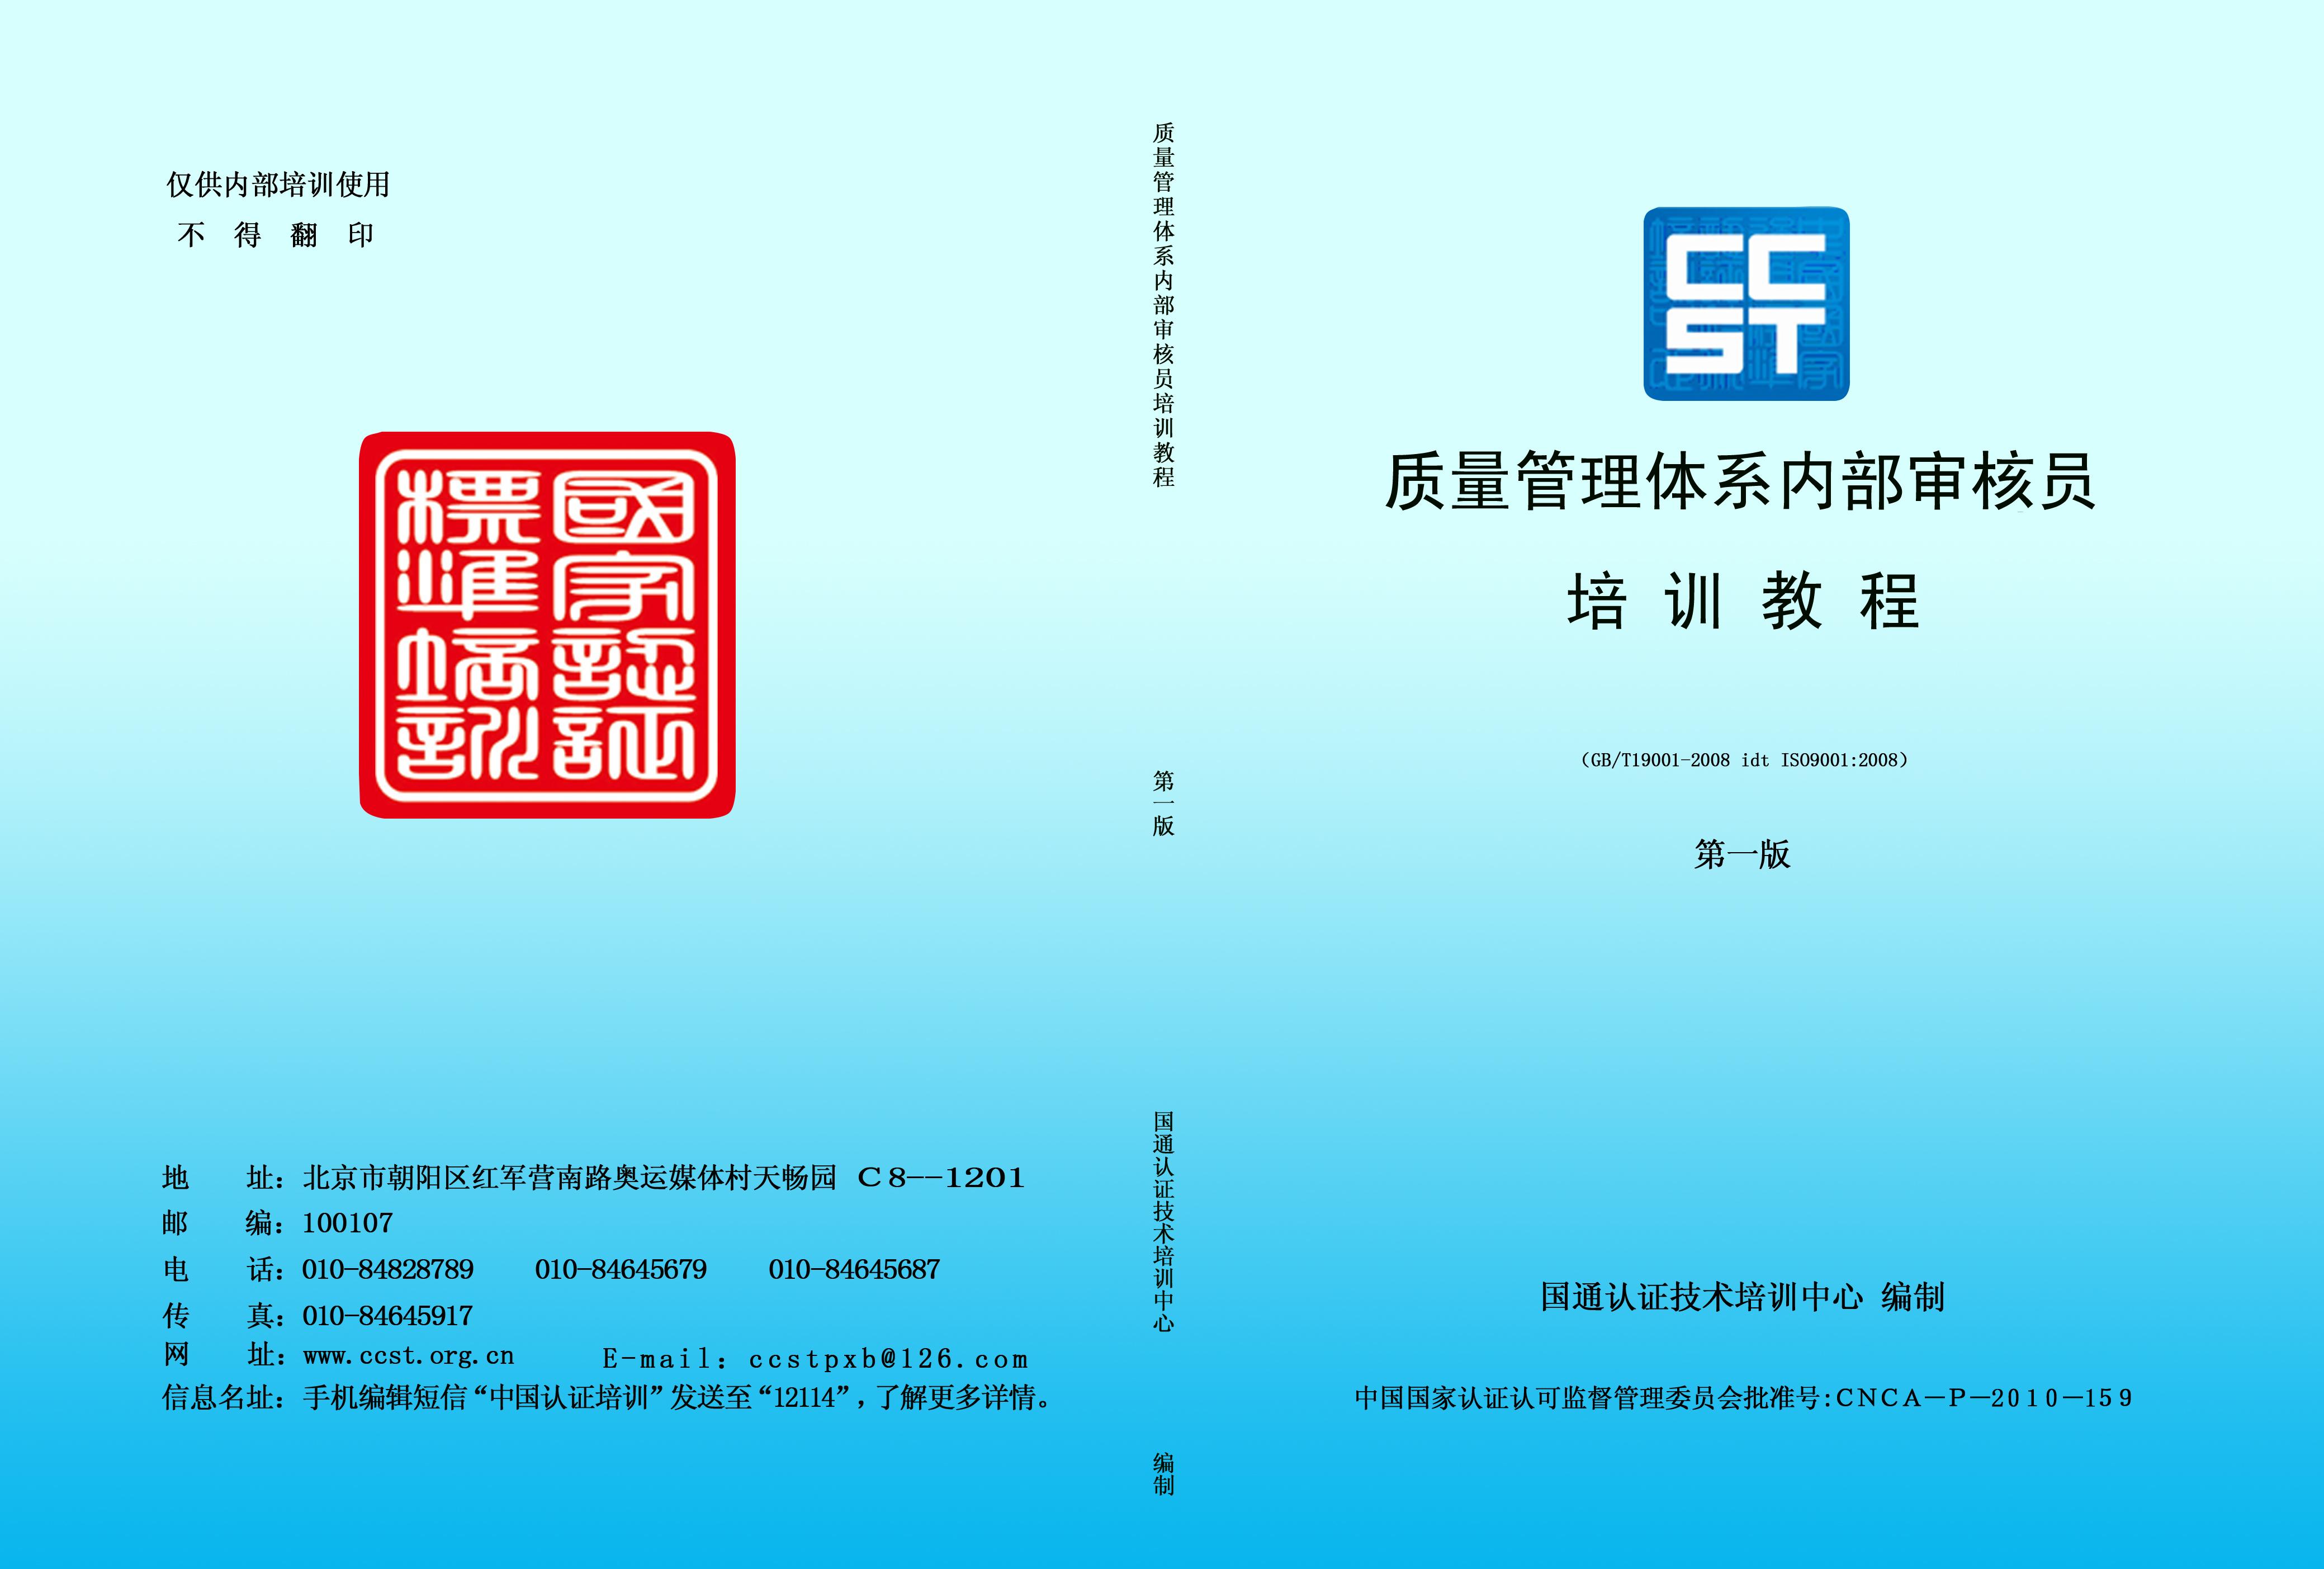 环境管理体系审核员_国通认证培训中心--官网-文章中心-教学资料